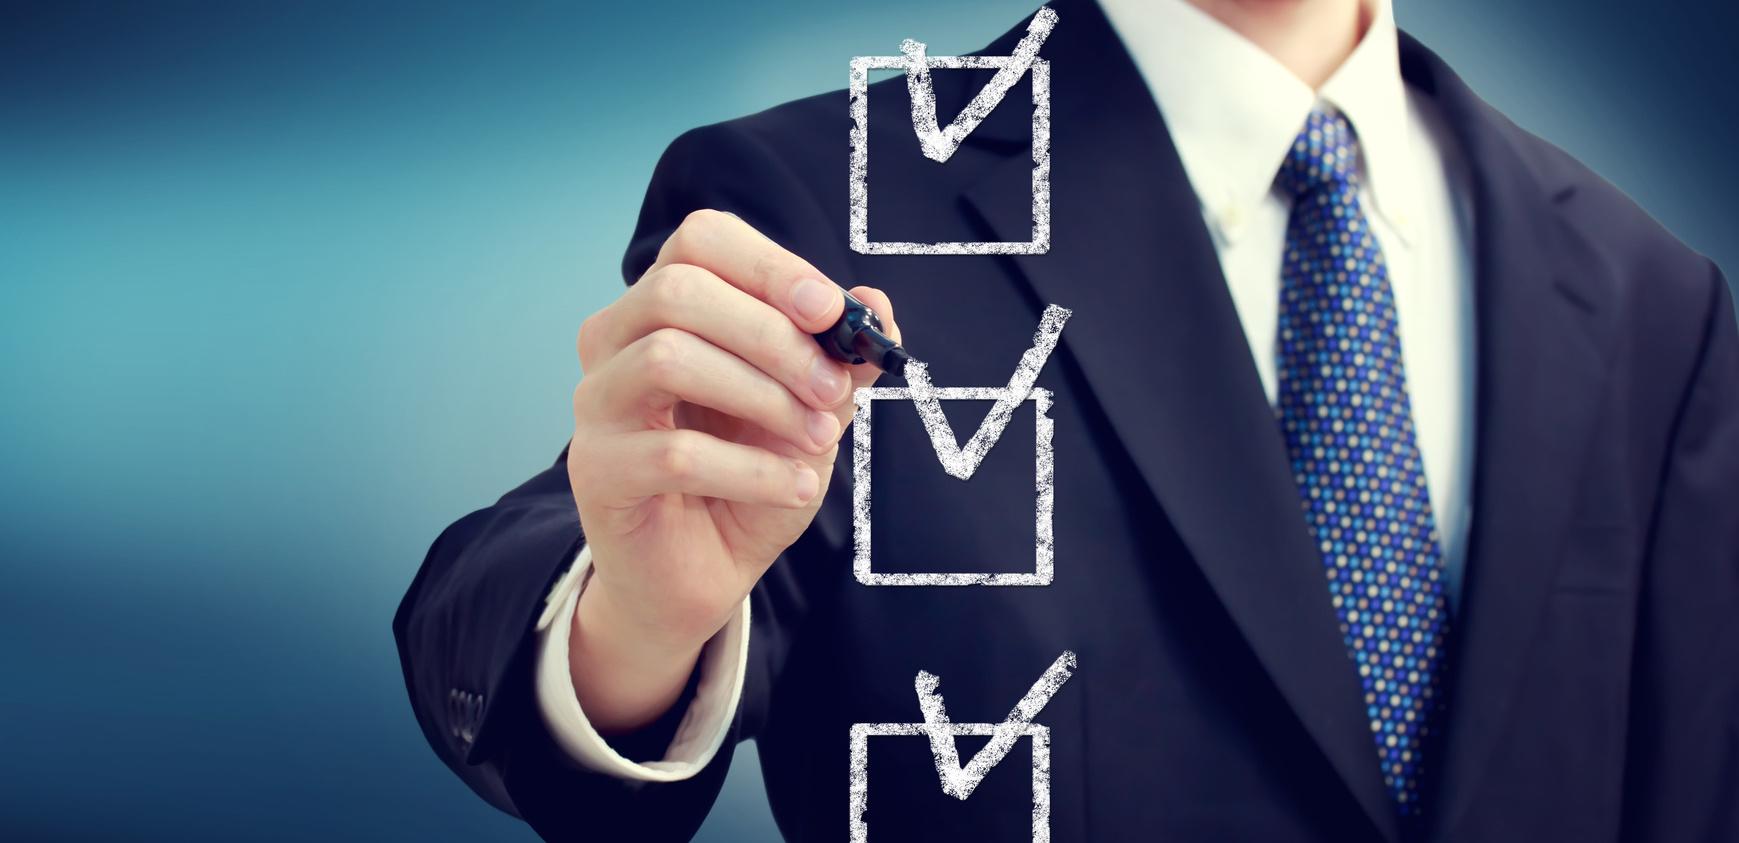 Helpful Resource – Deposition Checklist